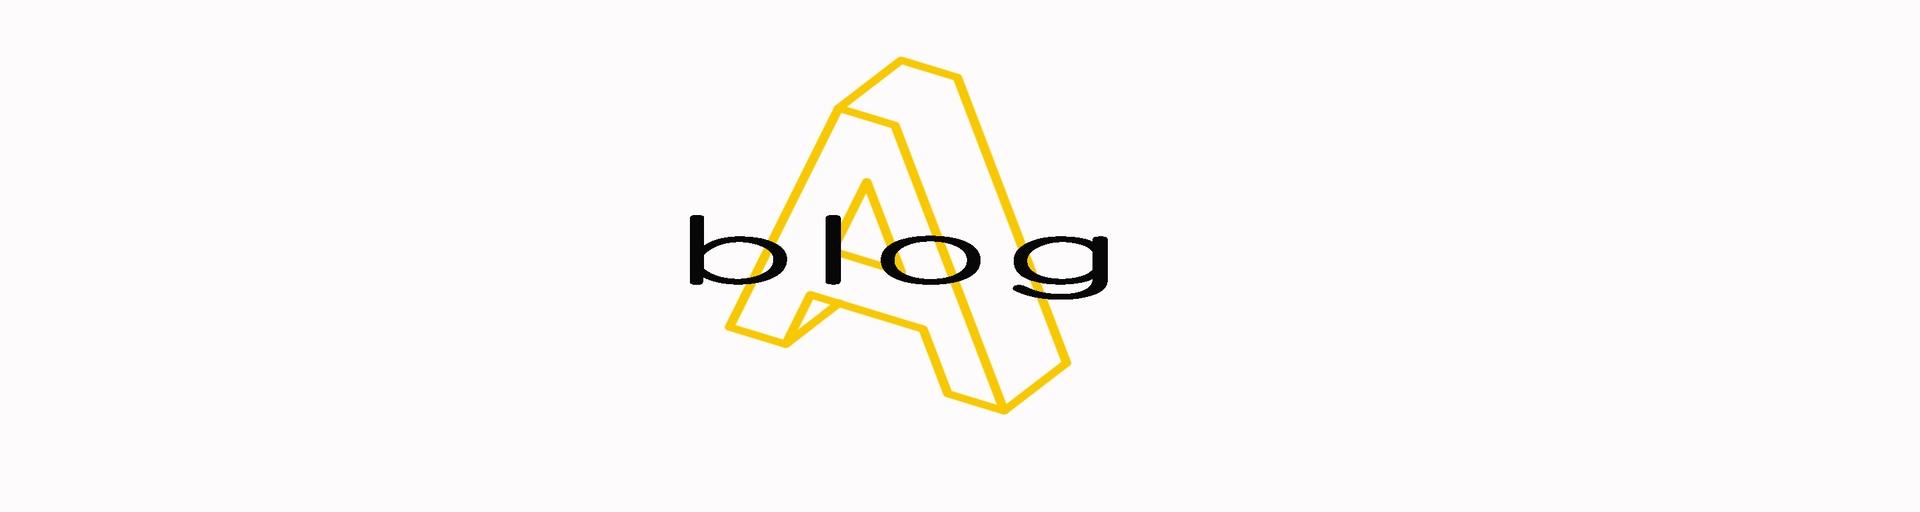 株式会社エーオーシーのブログ